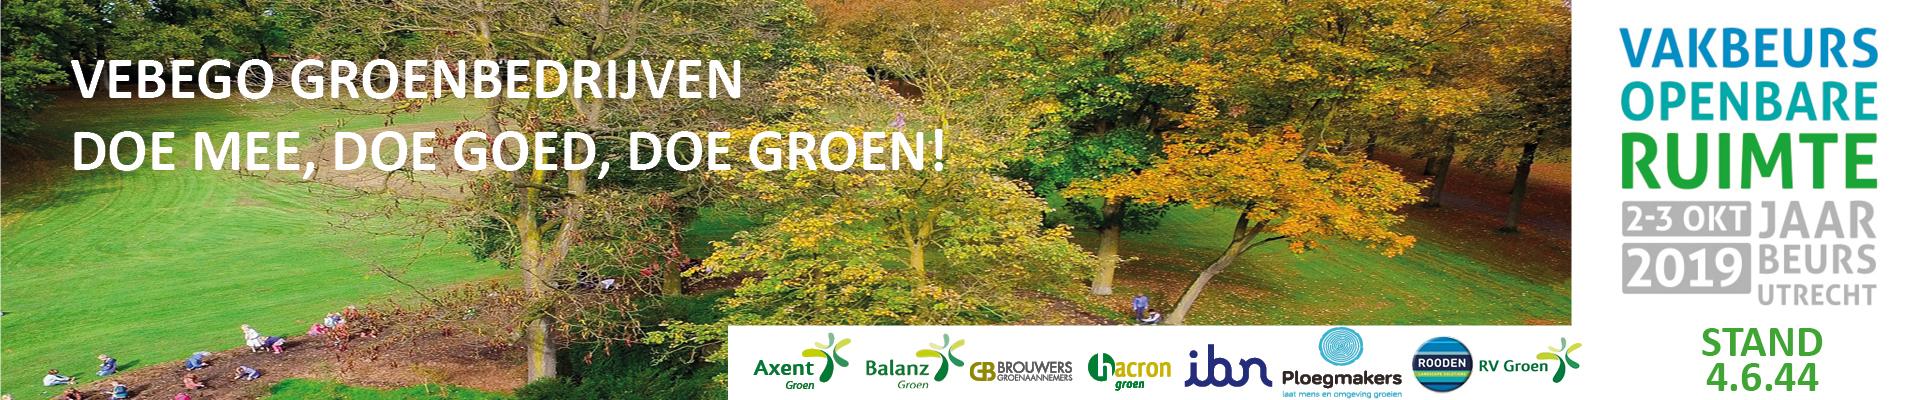 Vebego Groenbedrijven; doe mee, doe goed, doe groen!